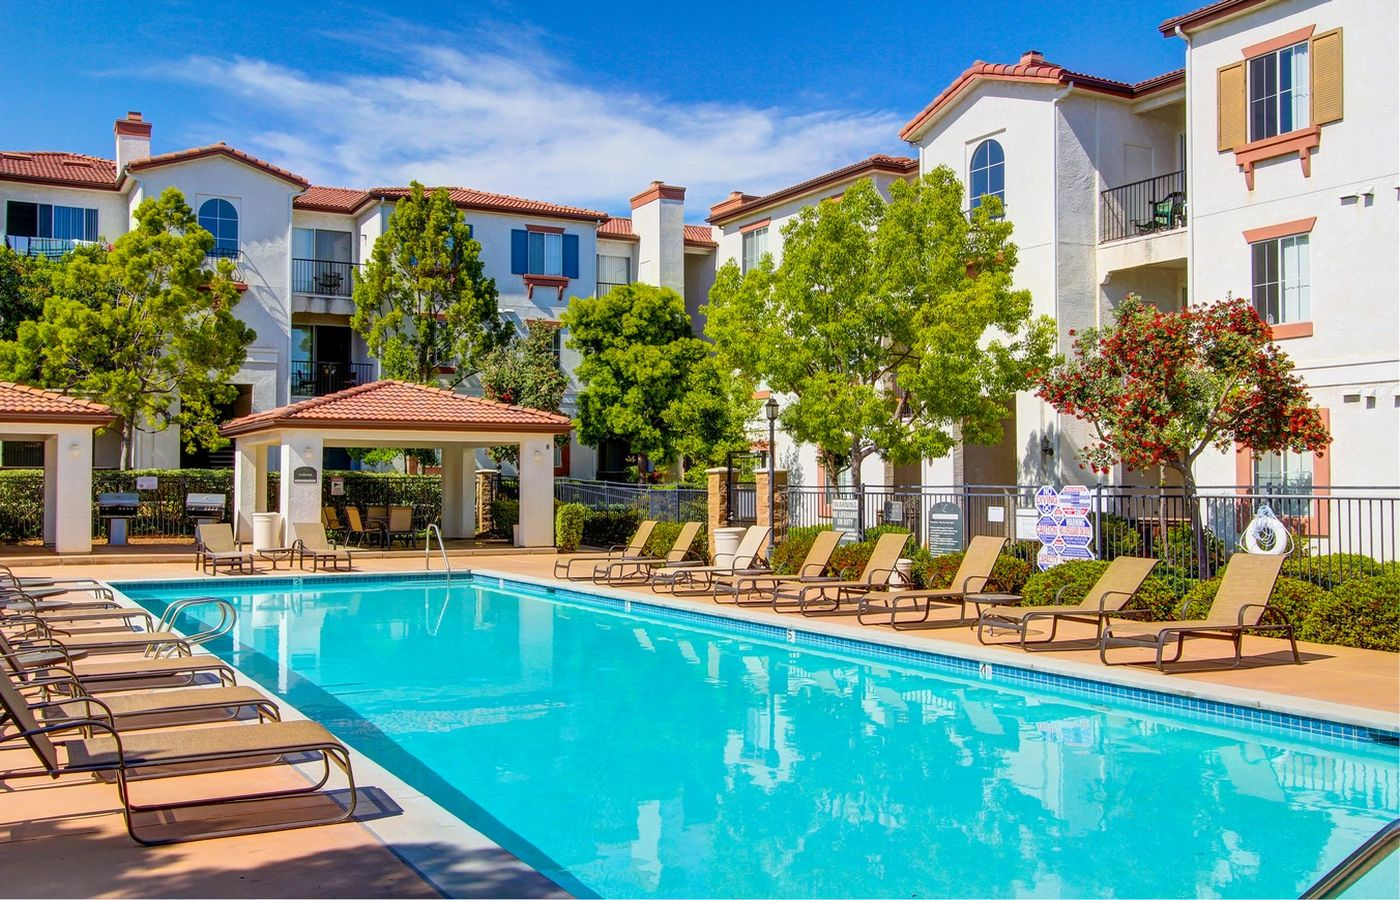 San Diego Homepagegallery 5